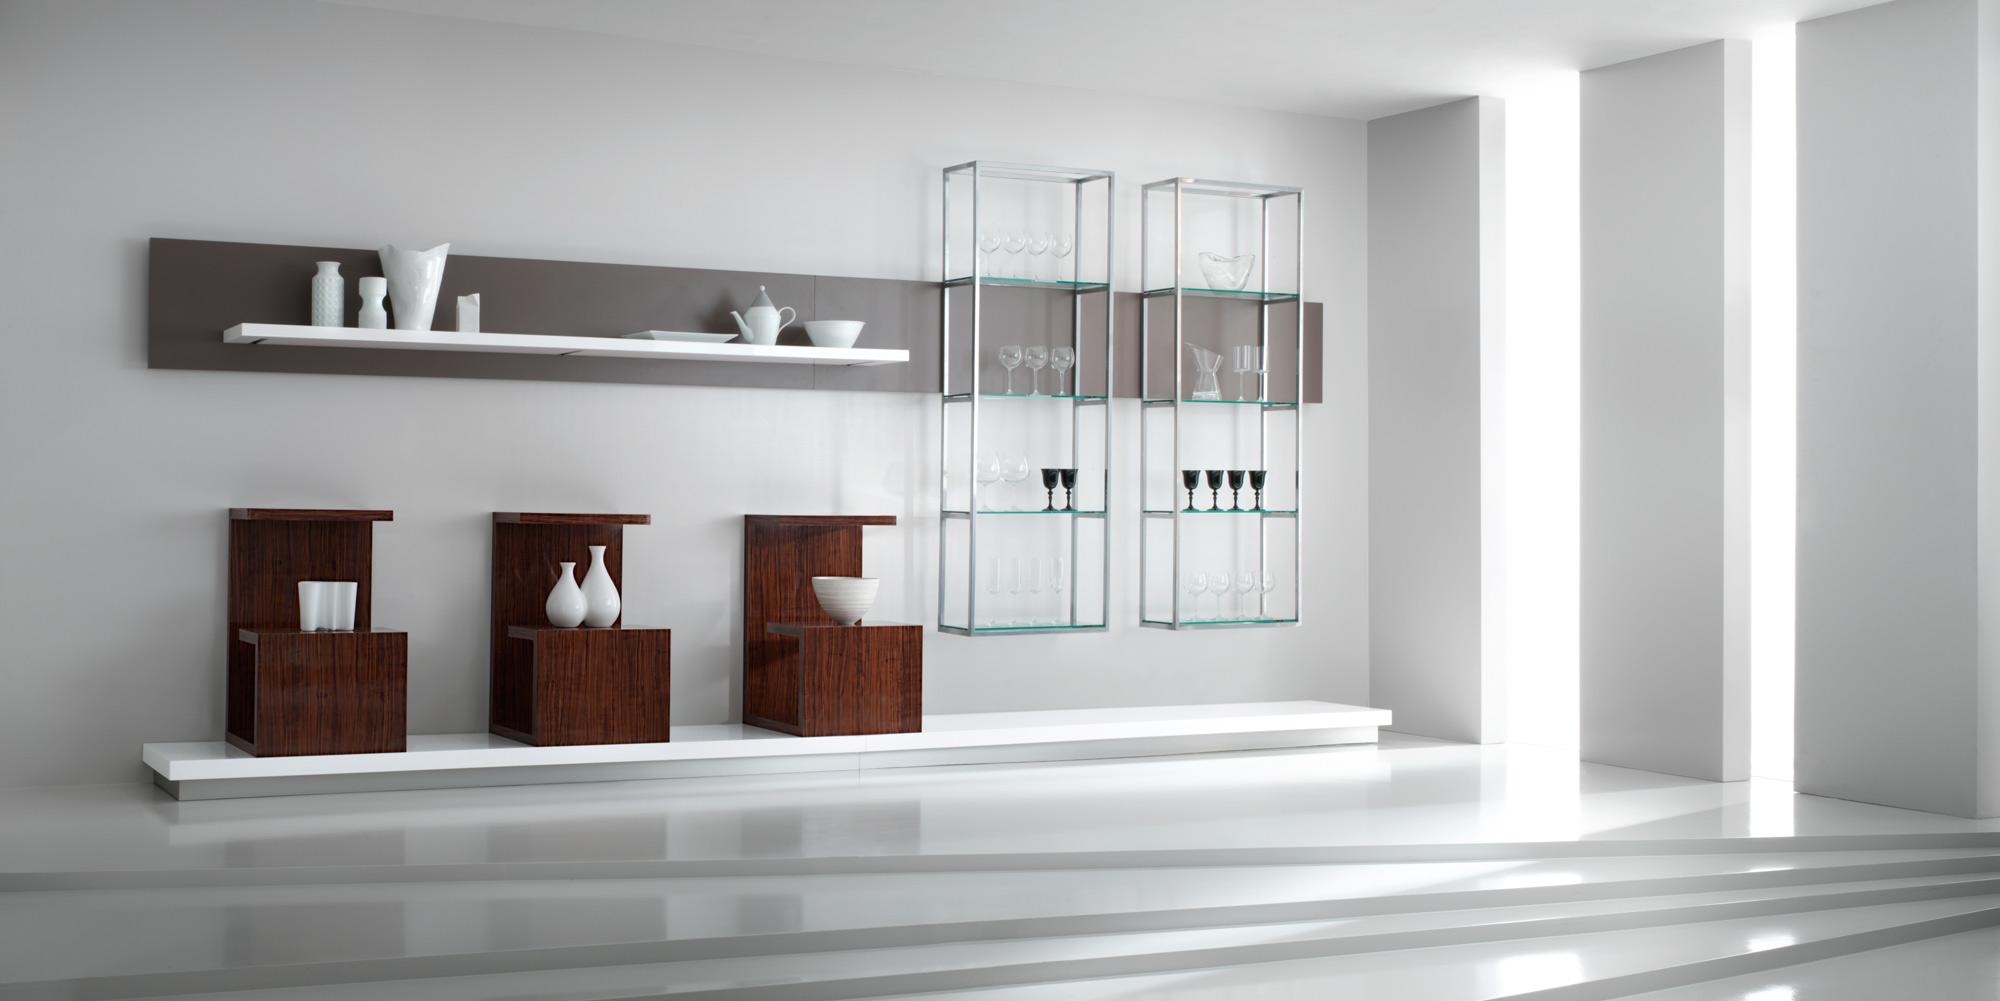 Arredamento per negozi di articoli da regalo toscana for Negozi design